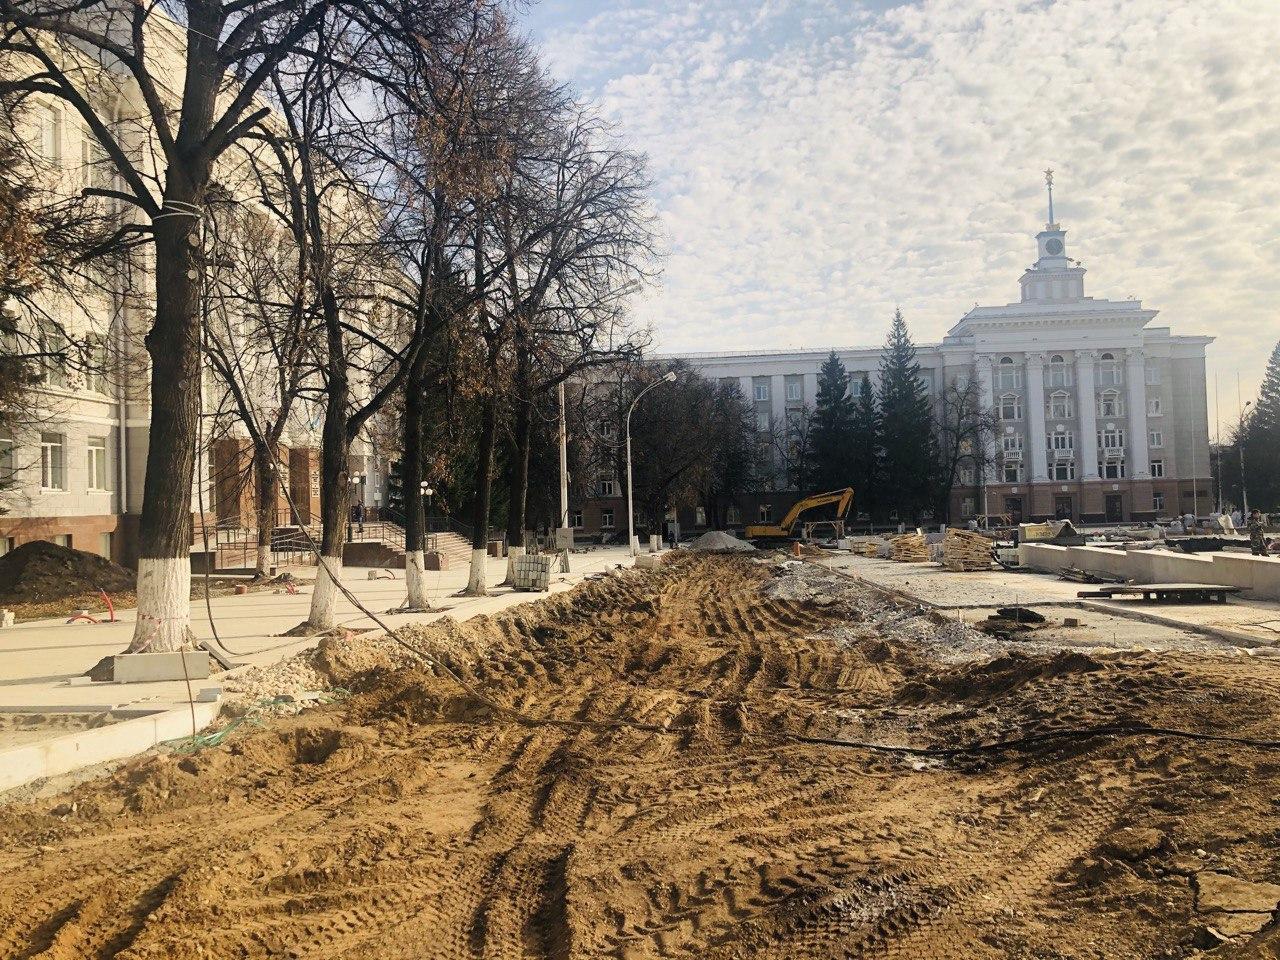 Реконструкция Советской площади в Уфе. Как это выглядит? Фоторепортаж от Business FM